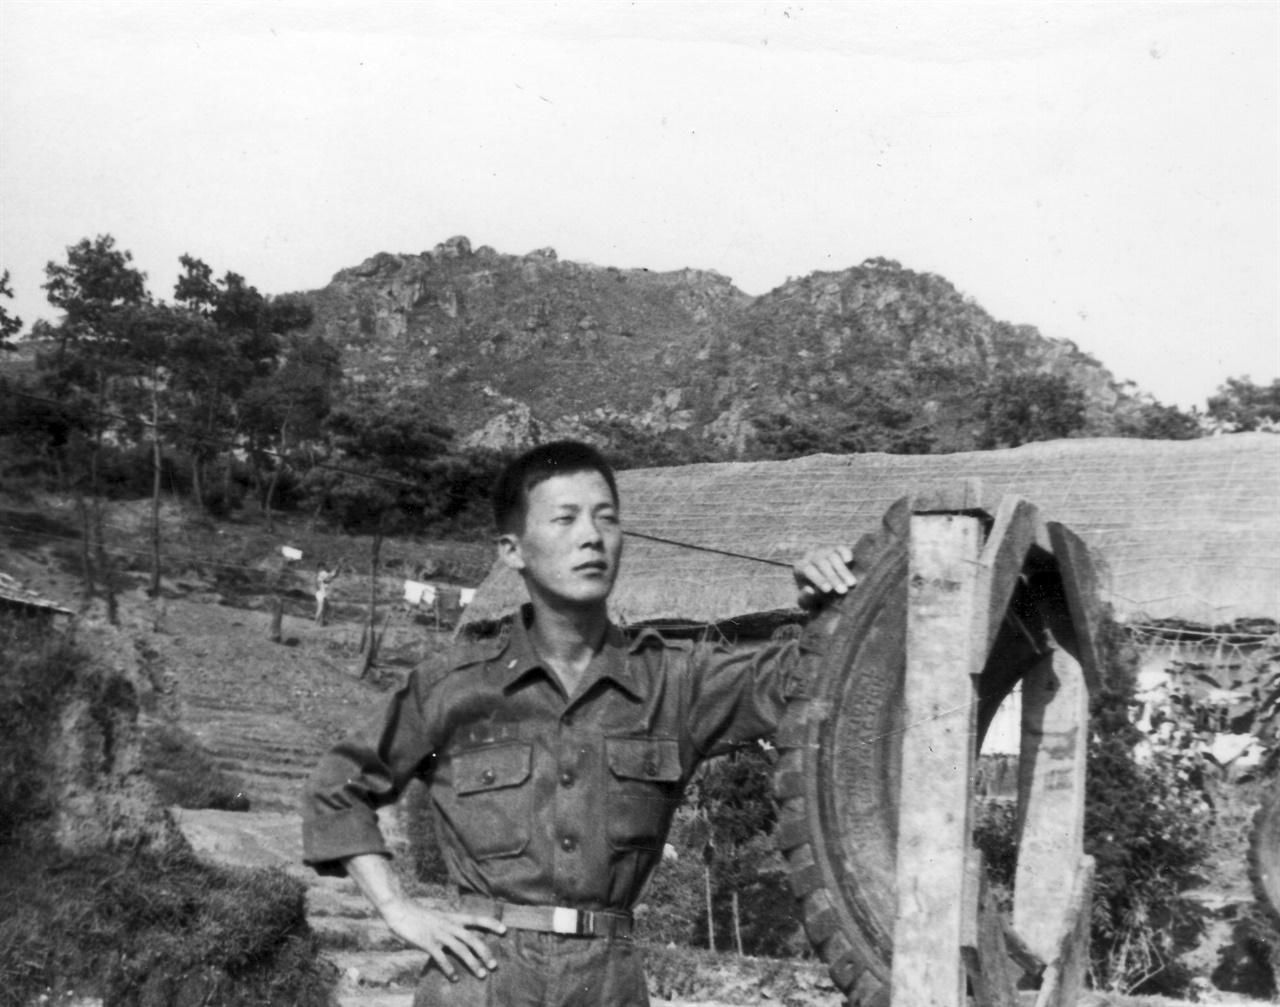 저자의 군복무시절(1970. 5. 파주 심학산 아래부대)